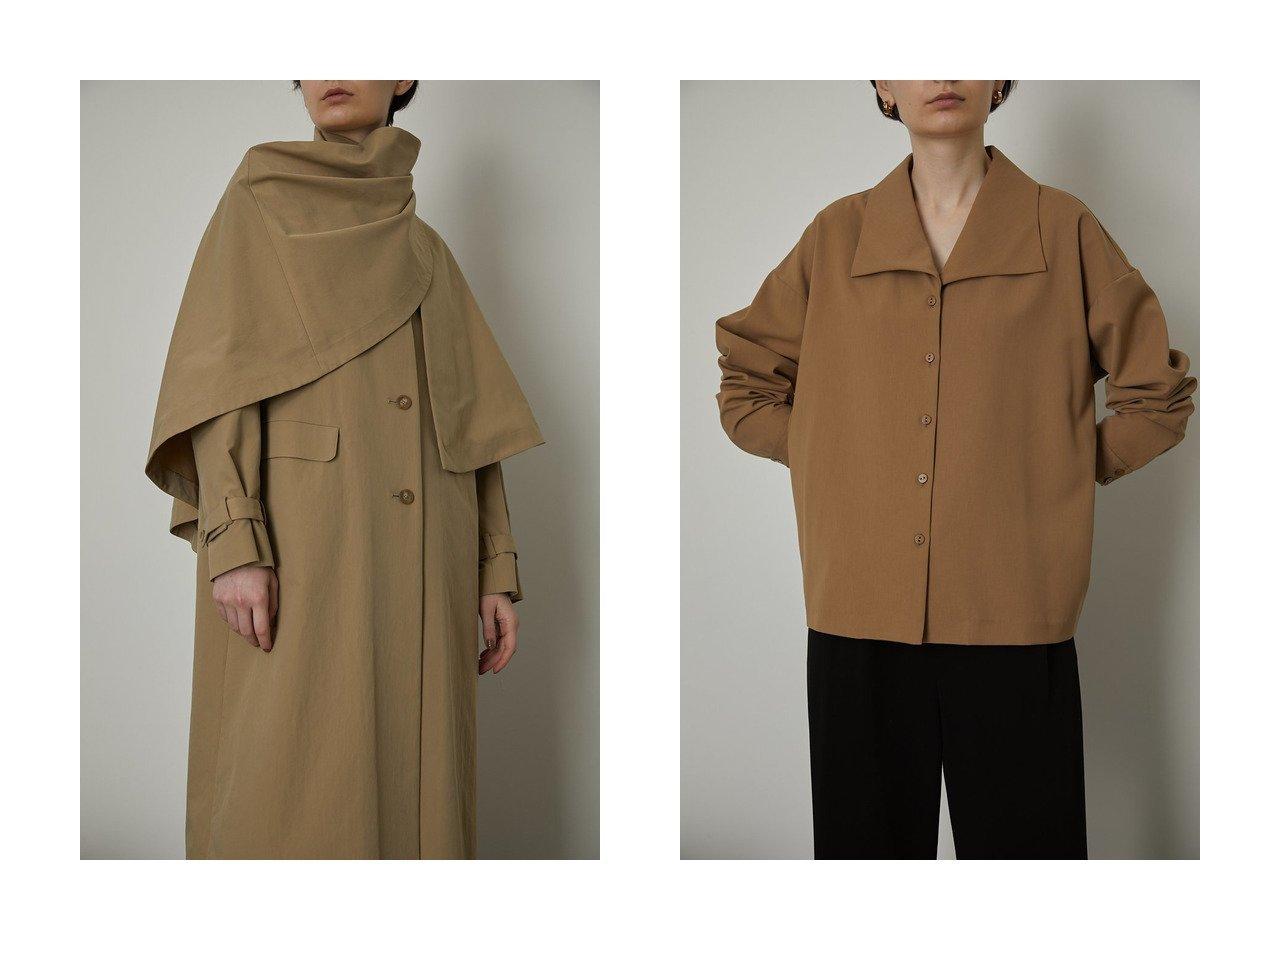 【RIM.ARK/リムアーク】のコート&シャツ RIM.ARKのおすすめ!人気、トレンド・レディースファッションの通販 おすすめで人気の流行・トレンド、ファッションの通販商品 メンズファッション・キッズファッション・インテリア・家具・レディースファッション・服の通販 founy(ファニー) https://founy.com/ ファッション Fashion レディースファッション WOMEN アウター Coat Outerwear コート Coats トップス Tops Tshirt シャツ/ブラウス Shirts Blouses 2021年 2021 2021 春夏 S/S SS Spring/Summer 2021 S/S 春夏 SS Spring/Summer シンプル ストール テーラード ロング 春 Spring |ID:crp329100000018758